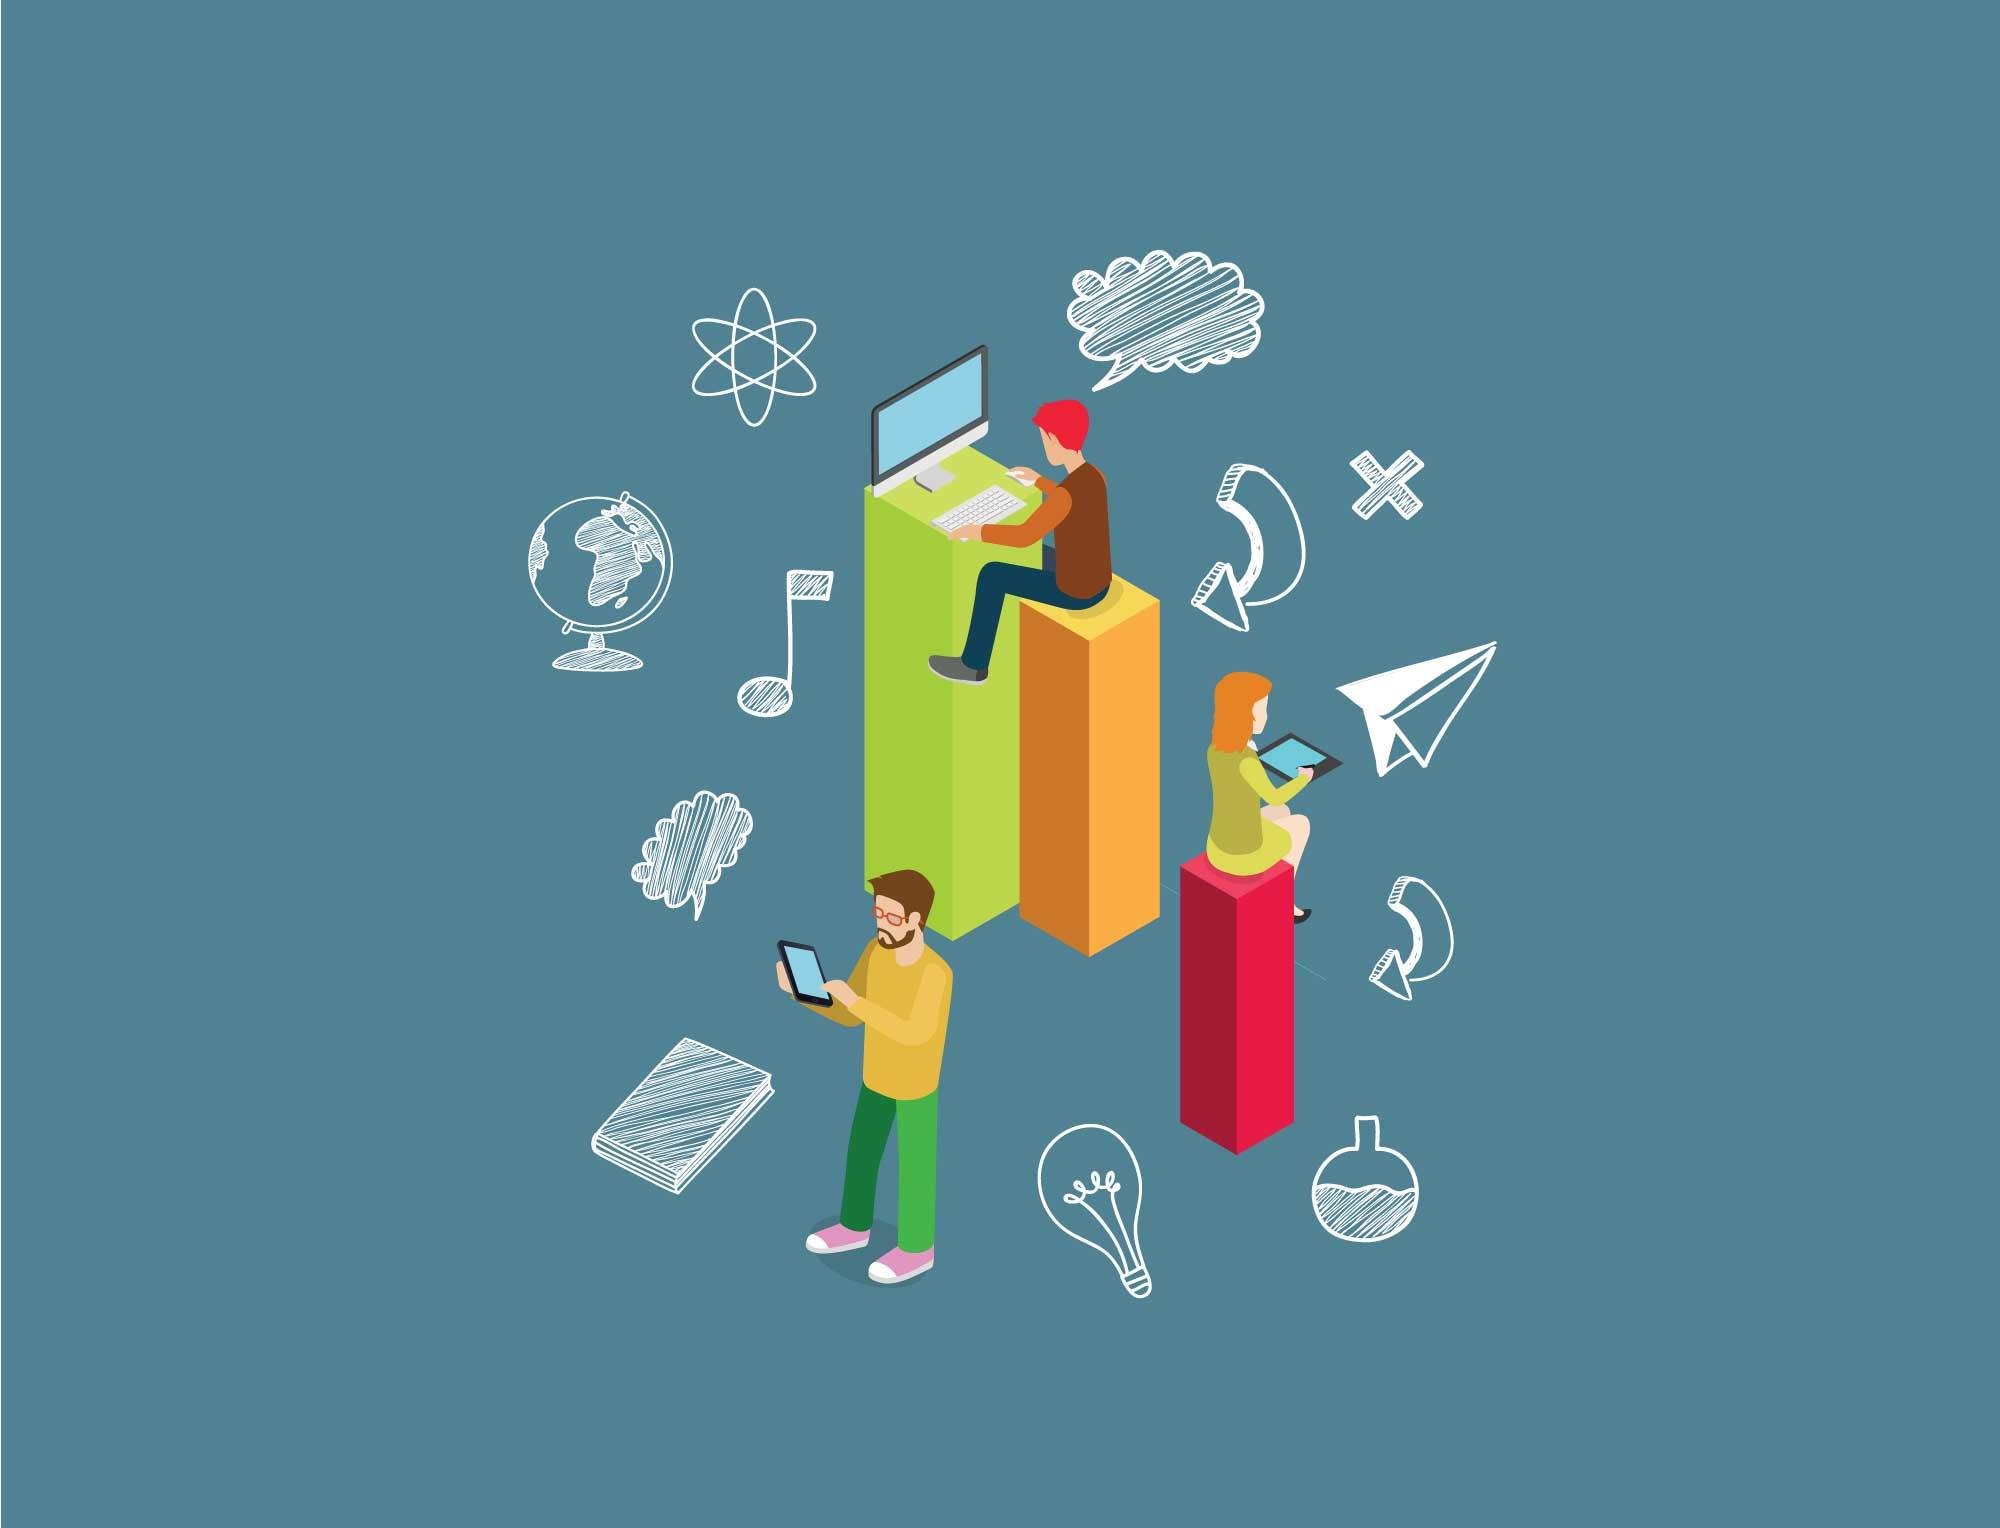 Идеи для малого бизнеса,бизнес идеи с минимальными вложениями